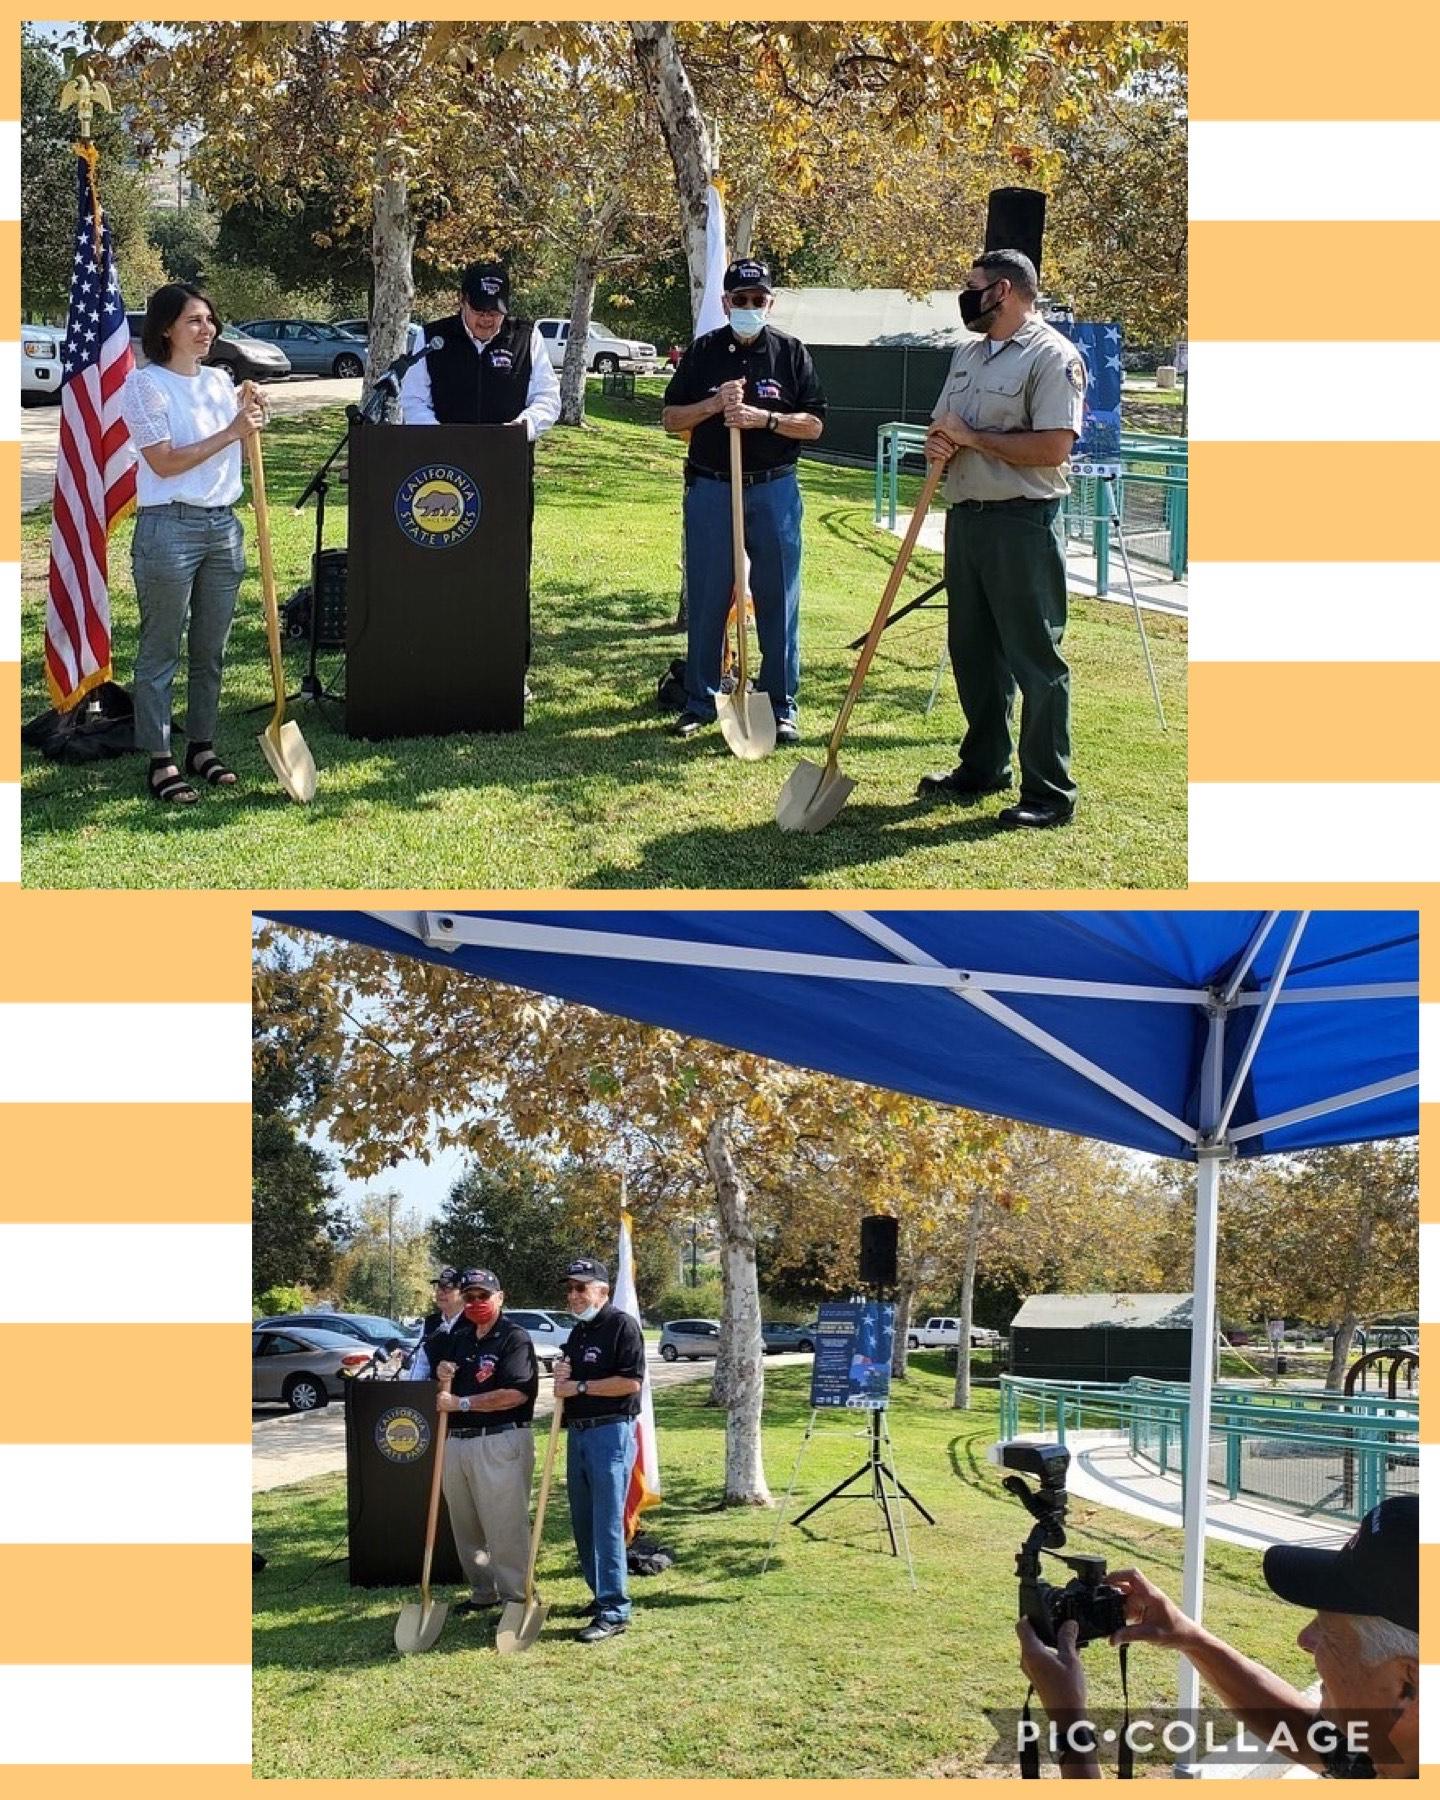 Rio De Los Angeles Veterans Collaborative's Groundbreaking Ceremony 8-31-2020 COLLAGE